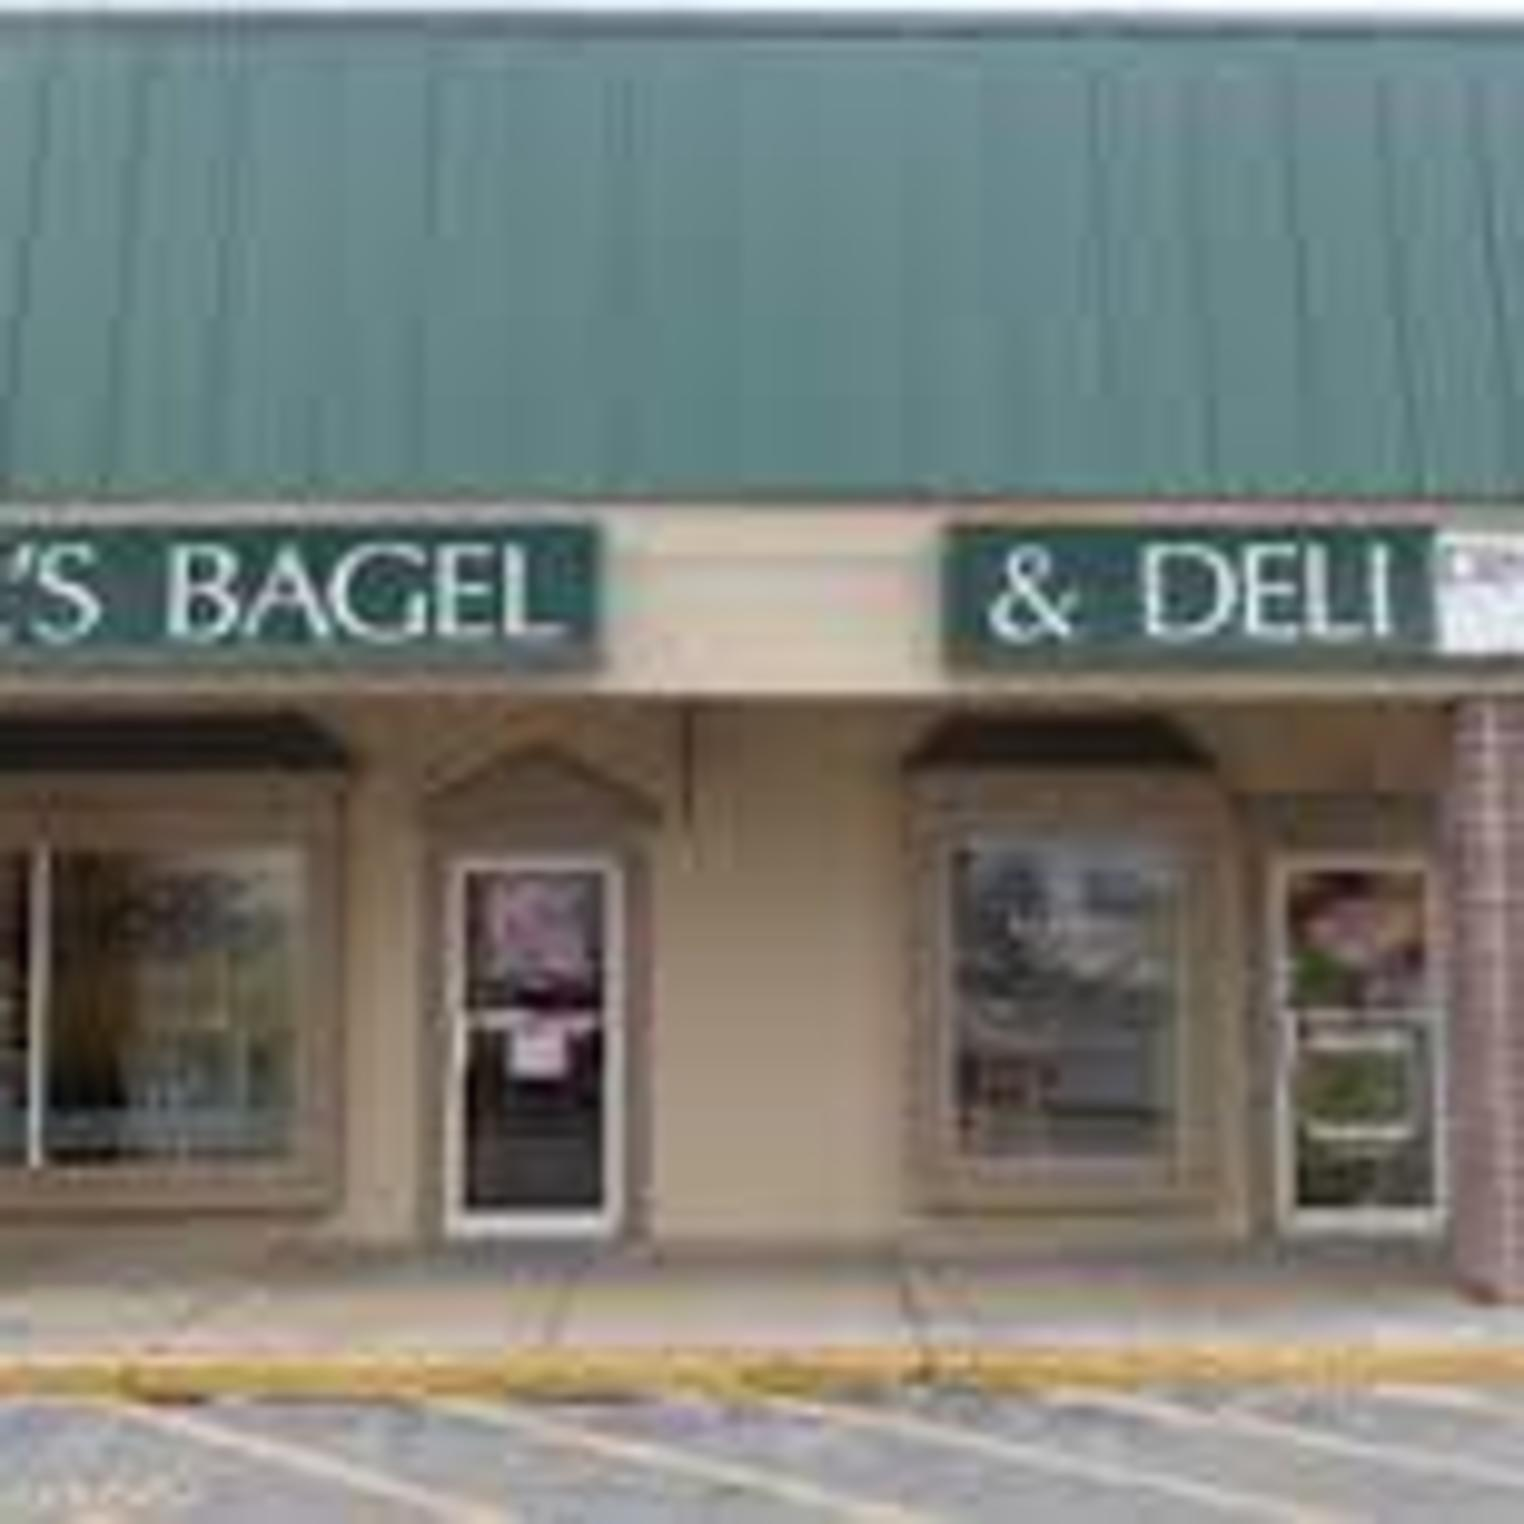 Ressler's Bagel & Deli